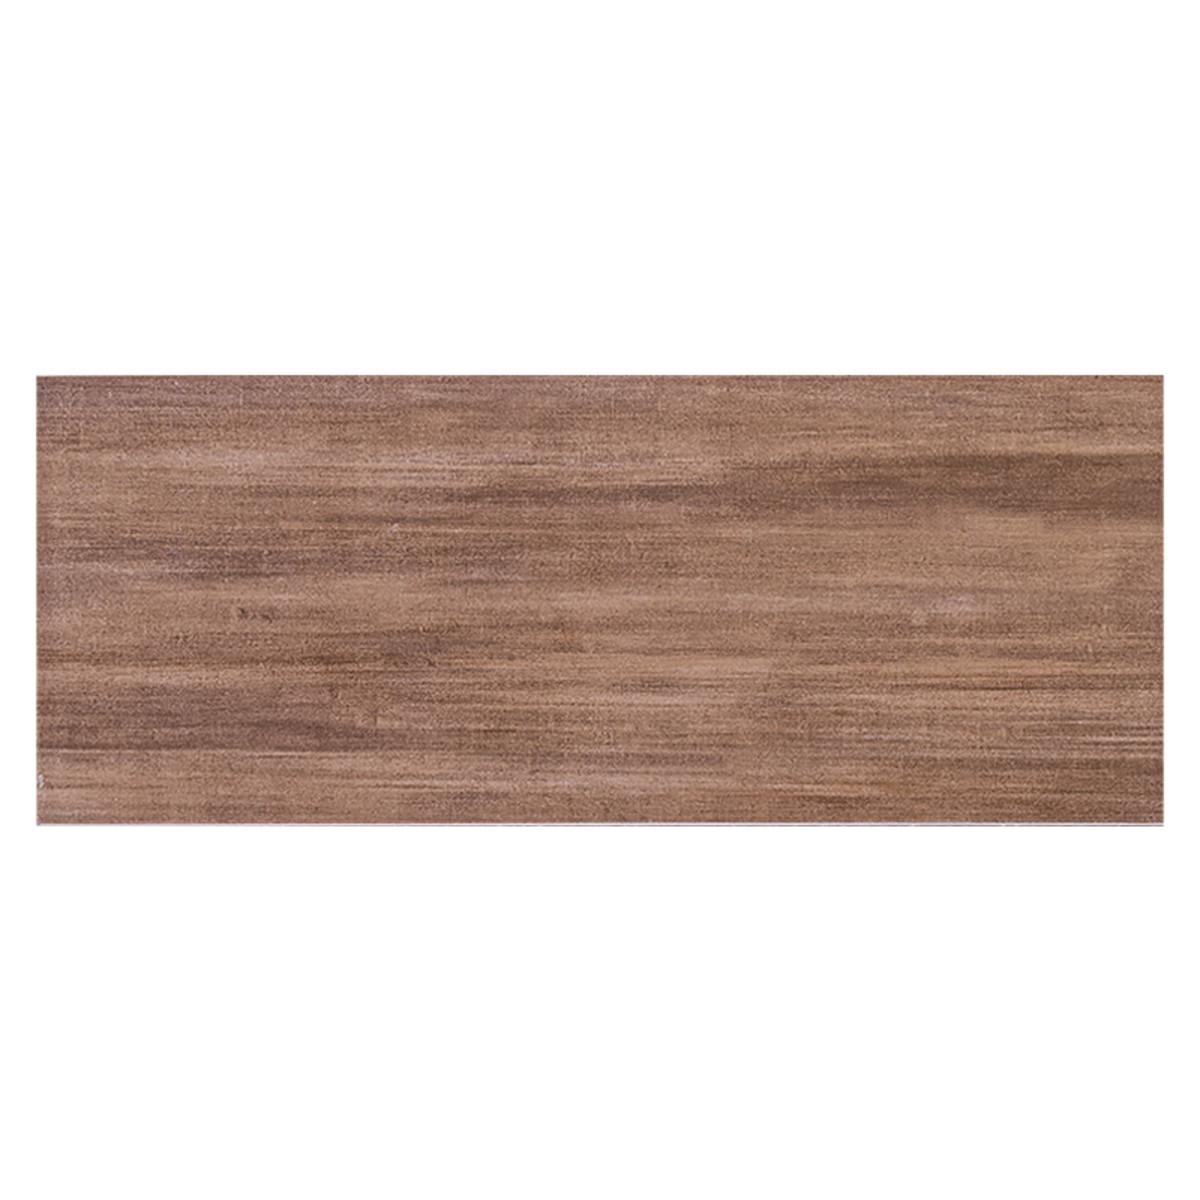 Плитка настенная TISA цвет коричневый 20х50 см 17 м2